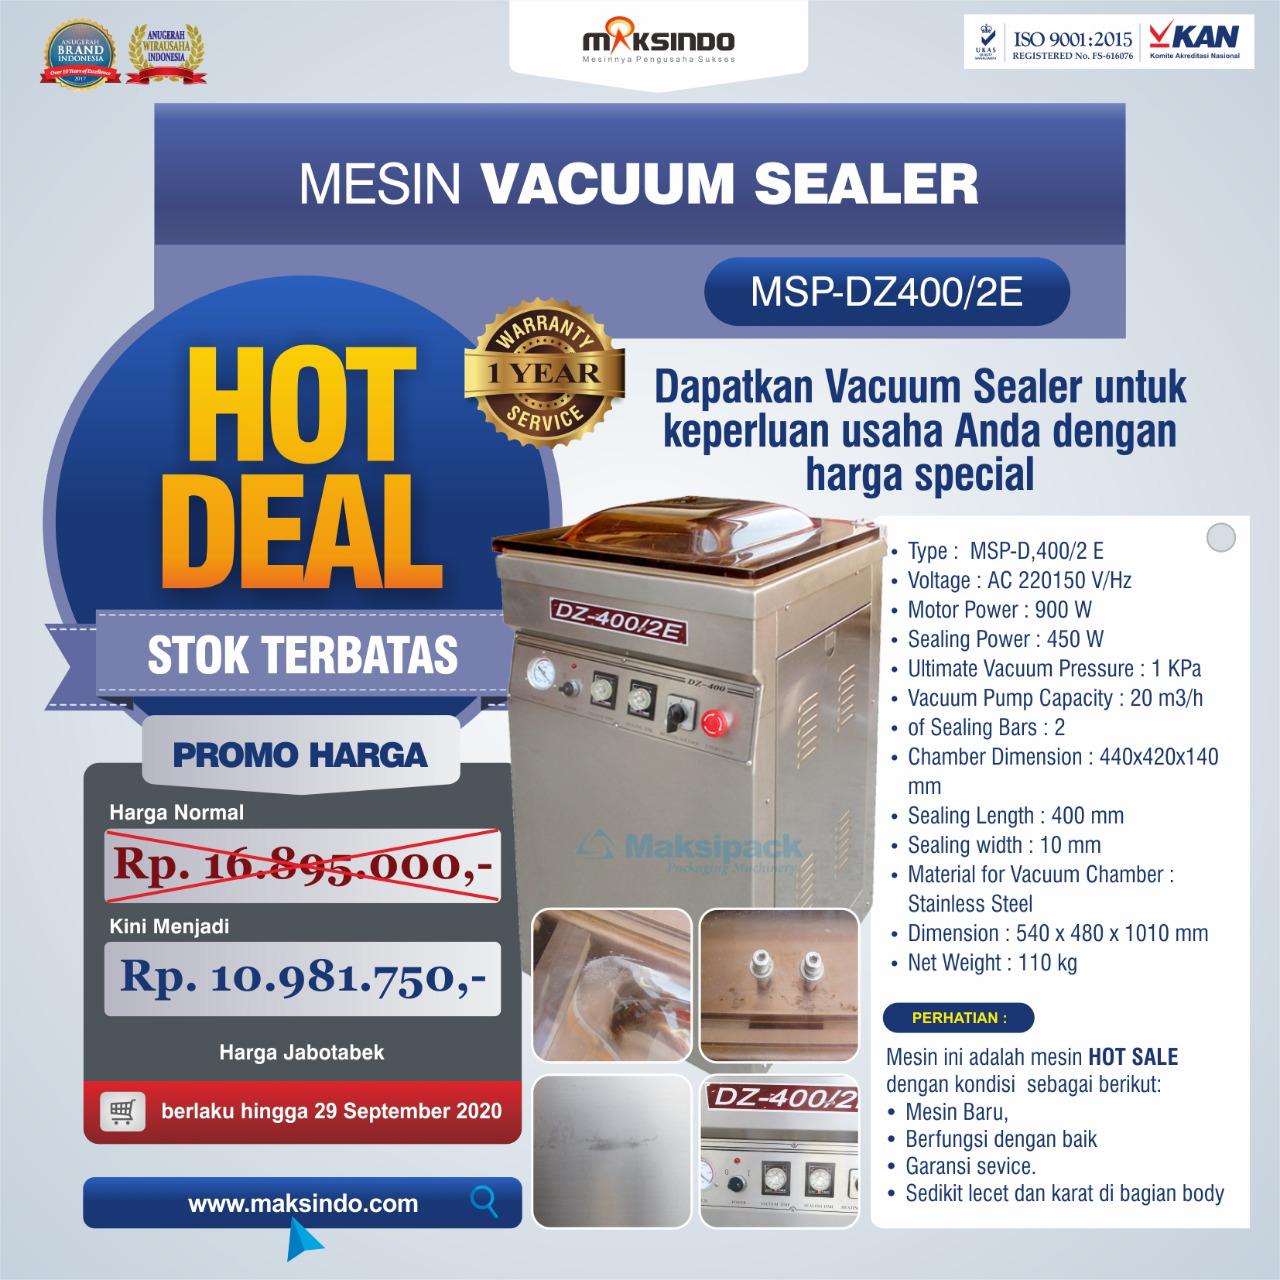 Jual Hot Deal Mesin Vacuum Sealer Type MSP-DZ400/2 E di Tangerang